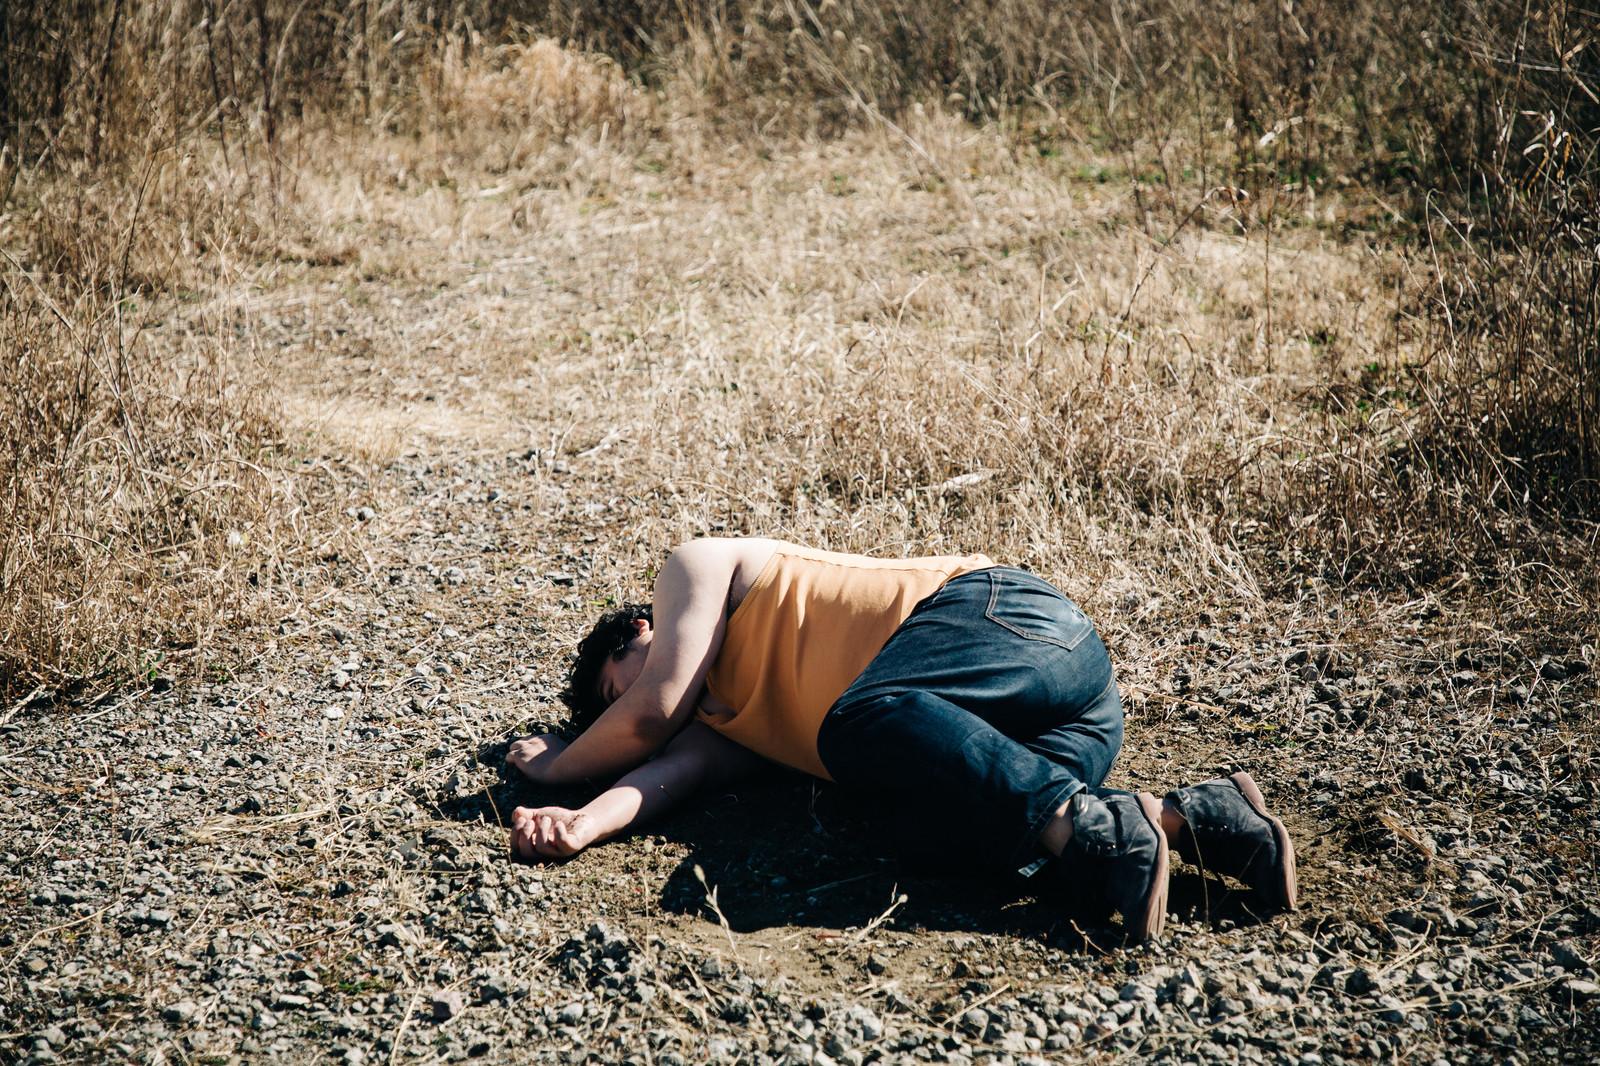 力尽きて地面に横たわる太った男性